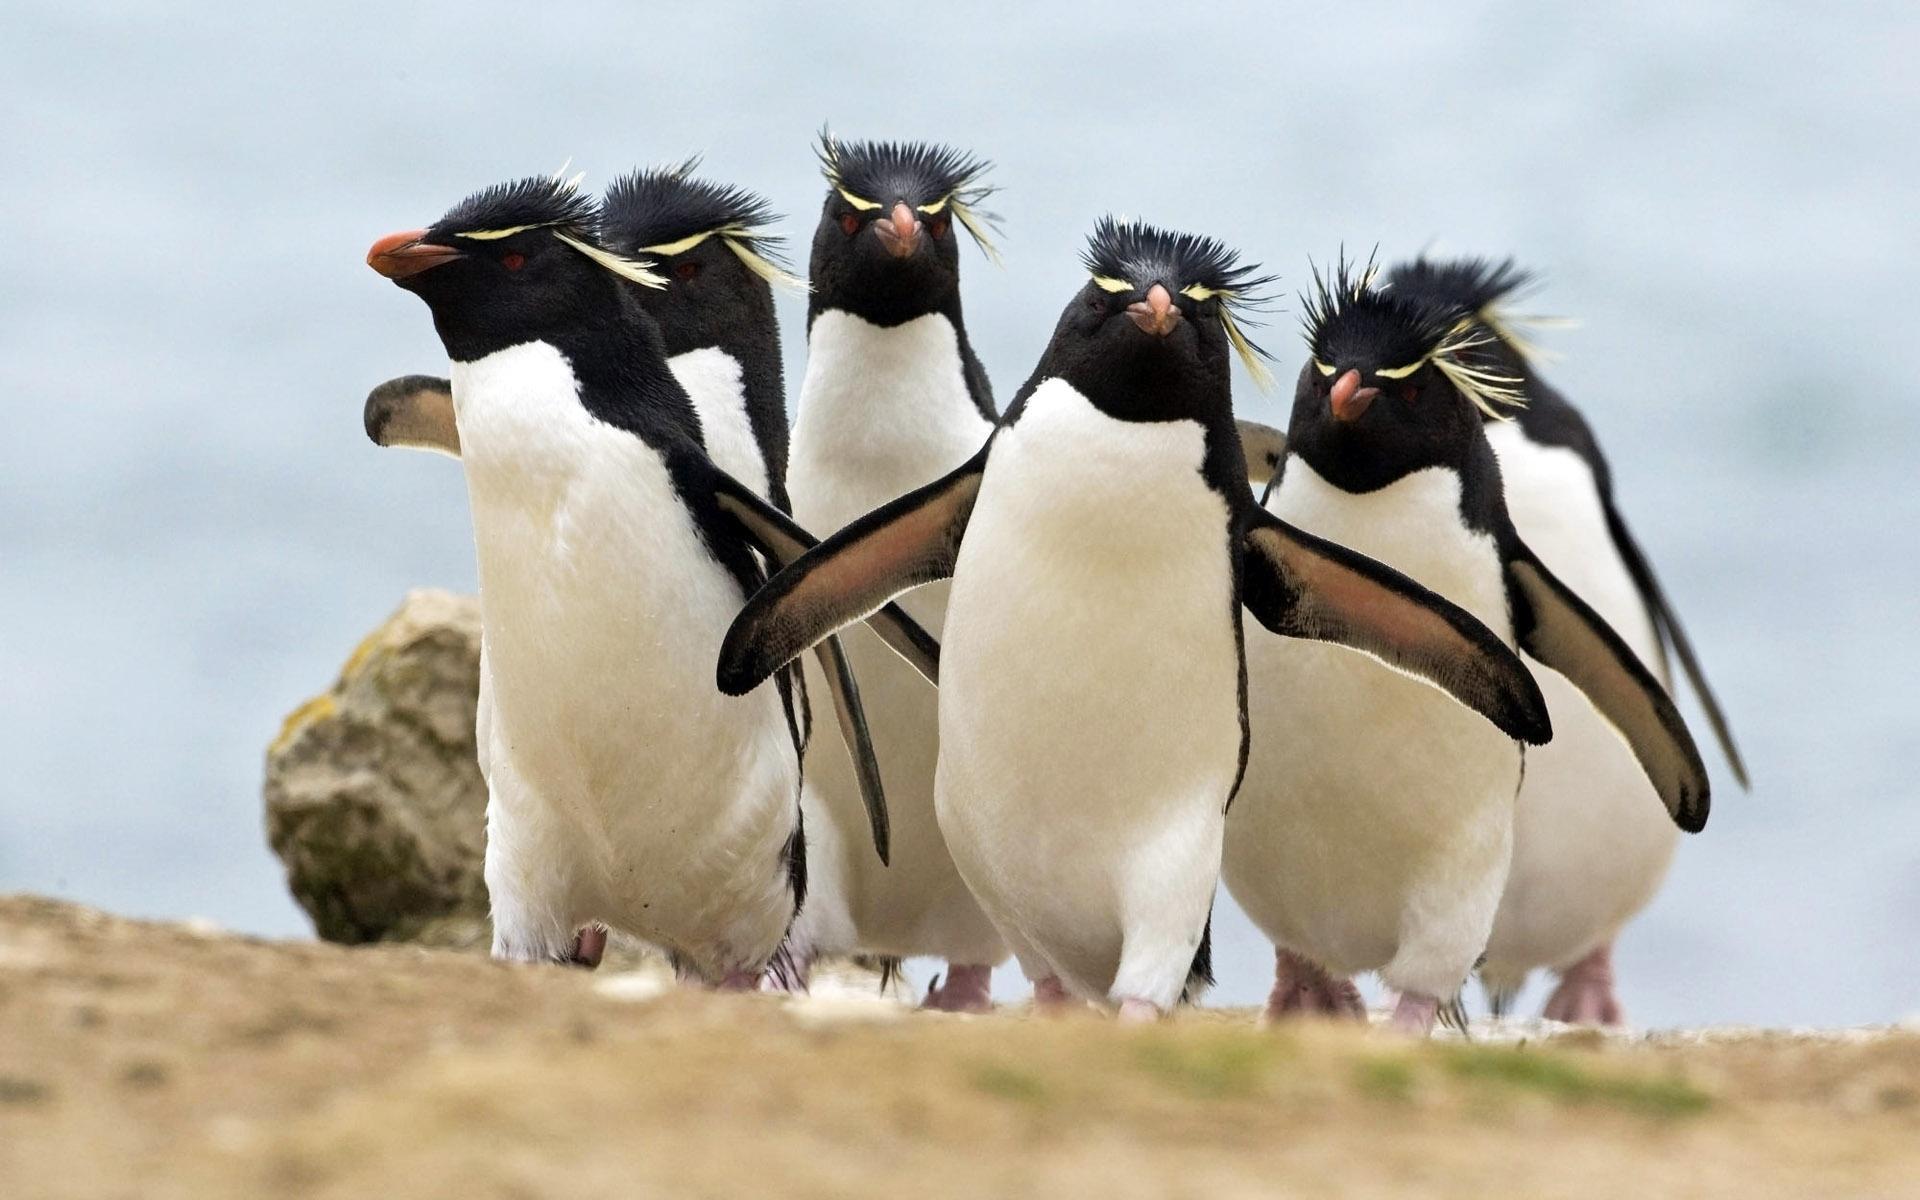 Penguin gang bang